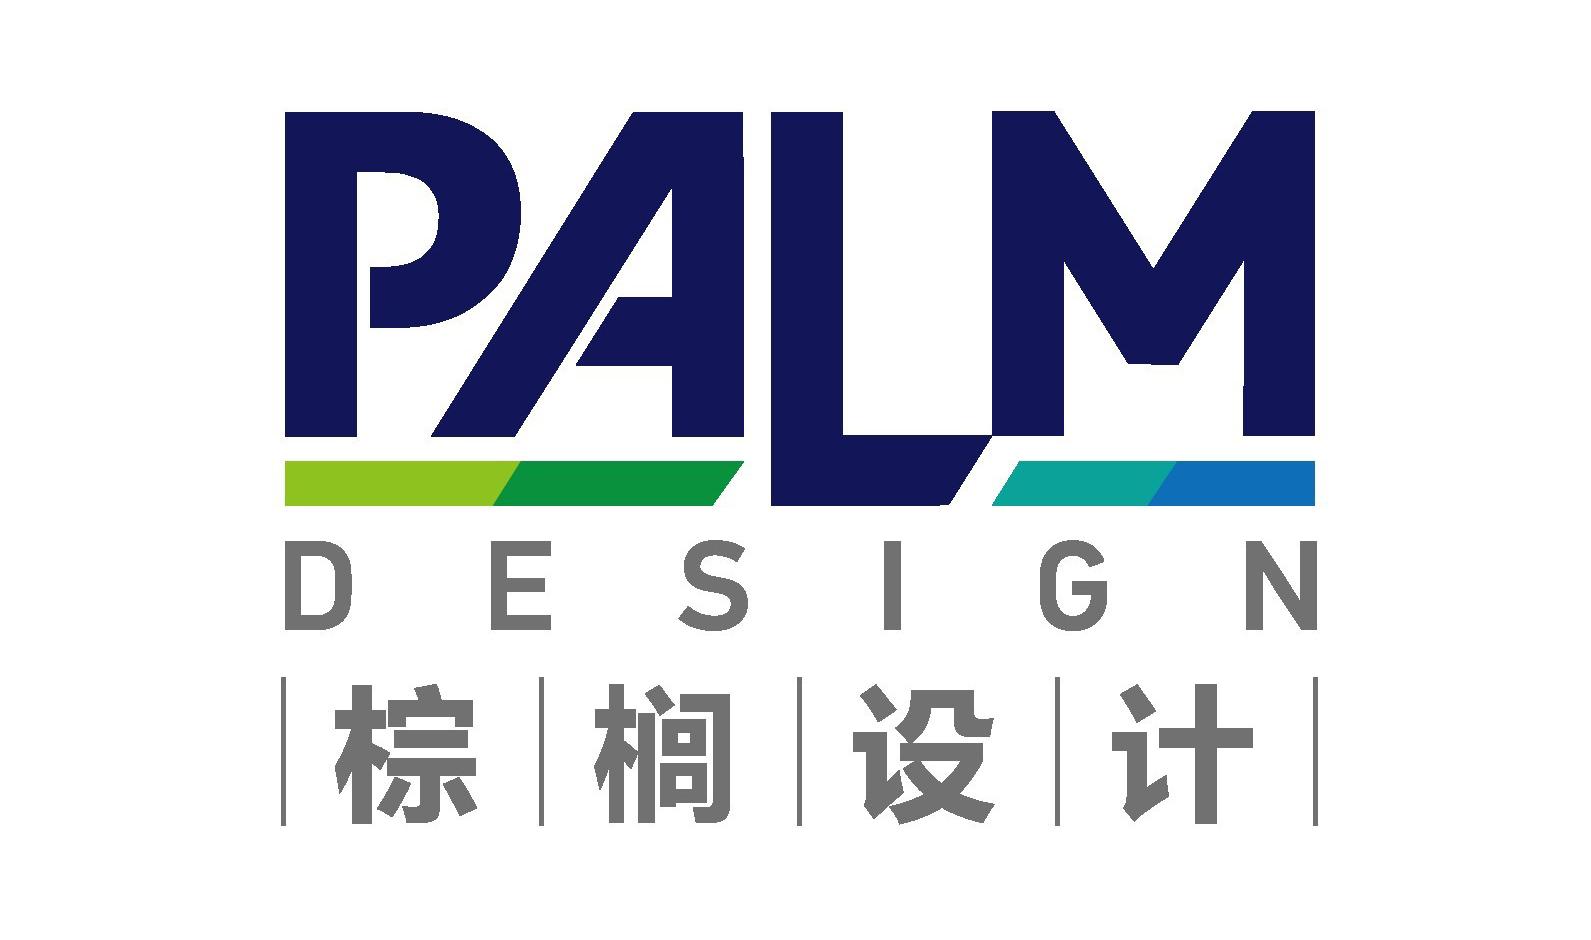 棕榈设计有限公司